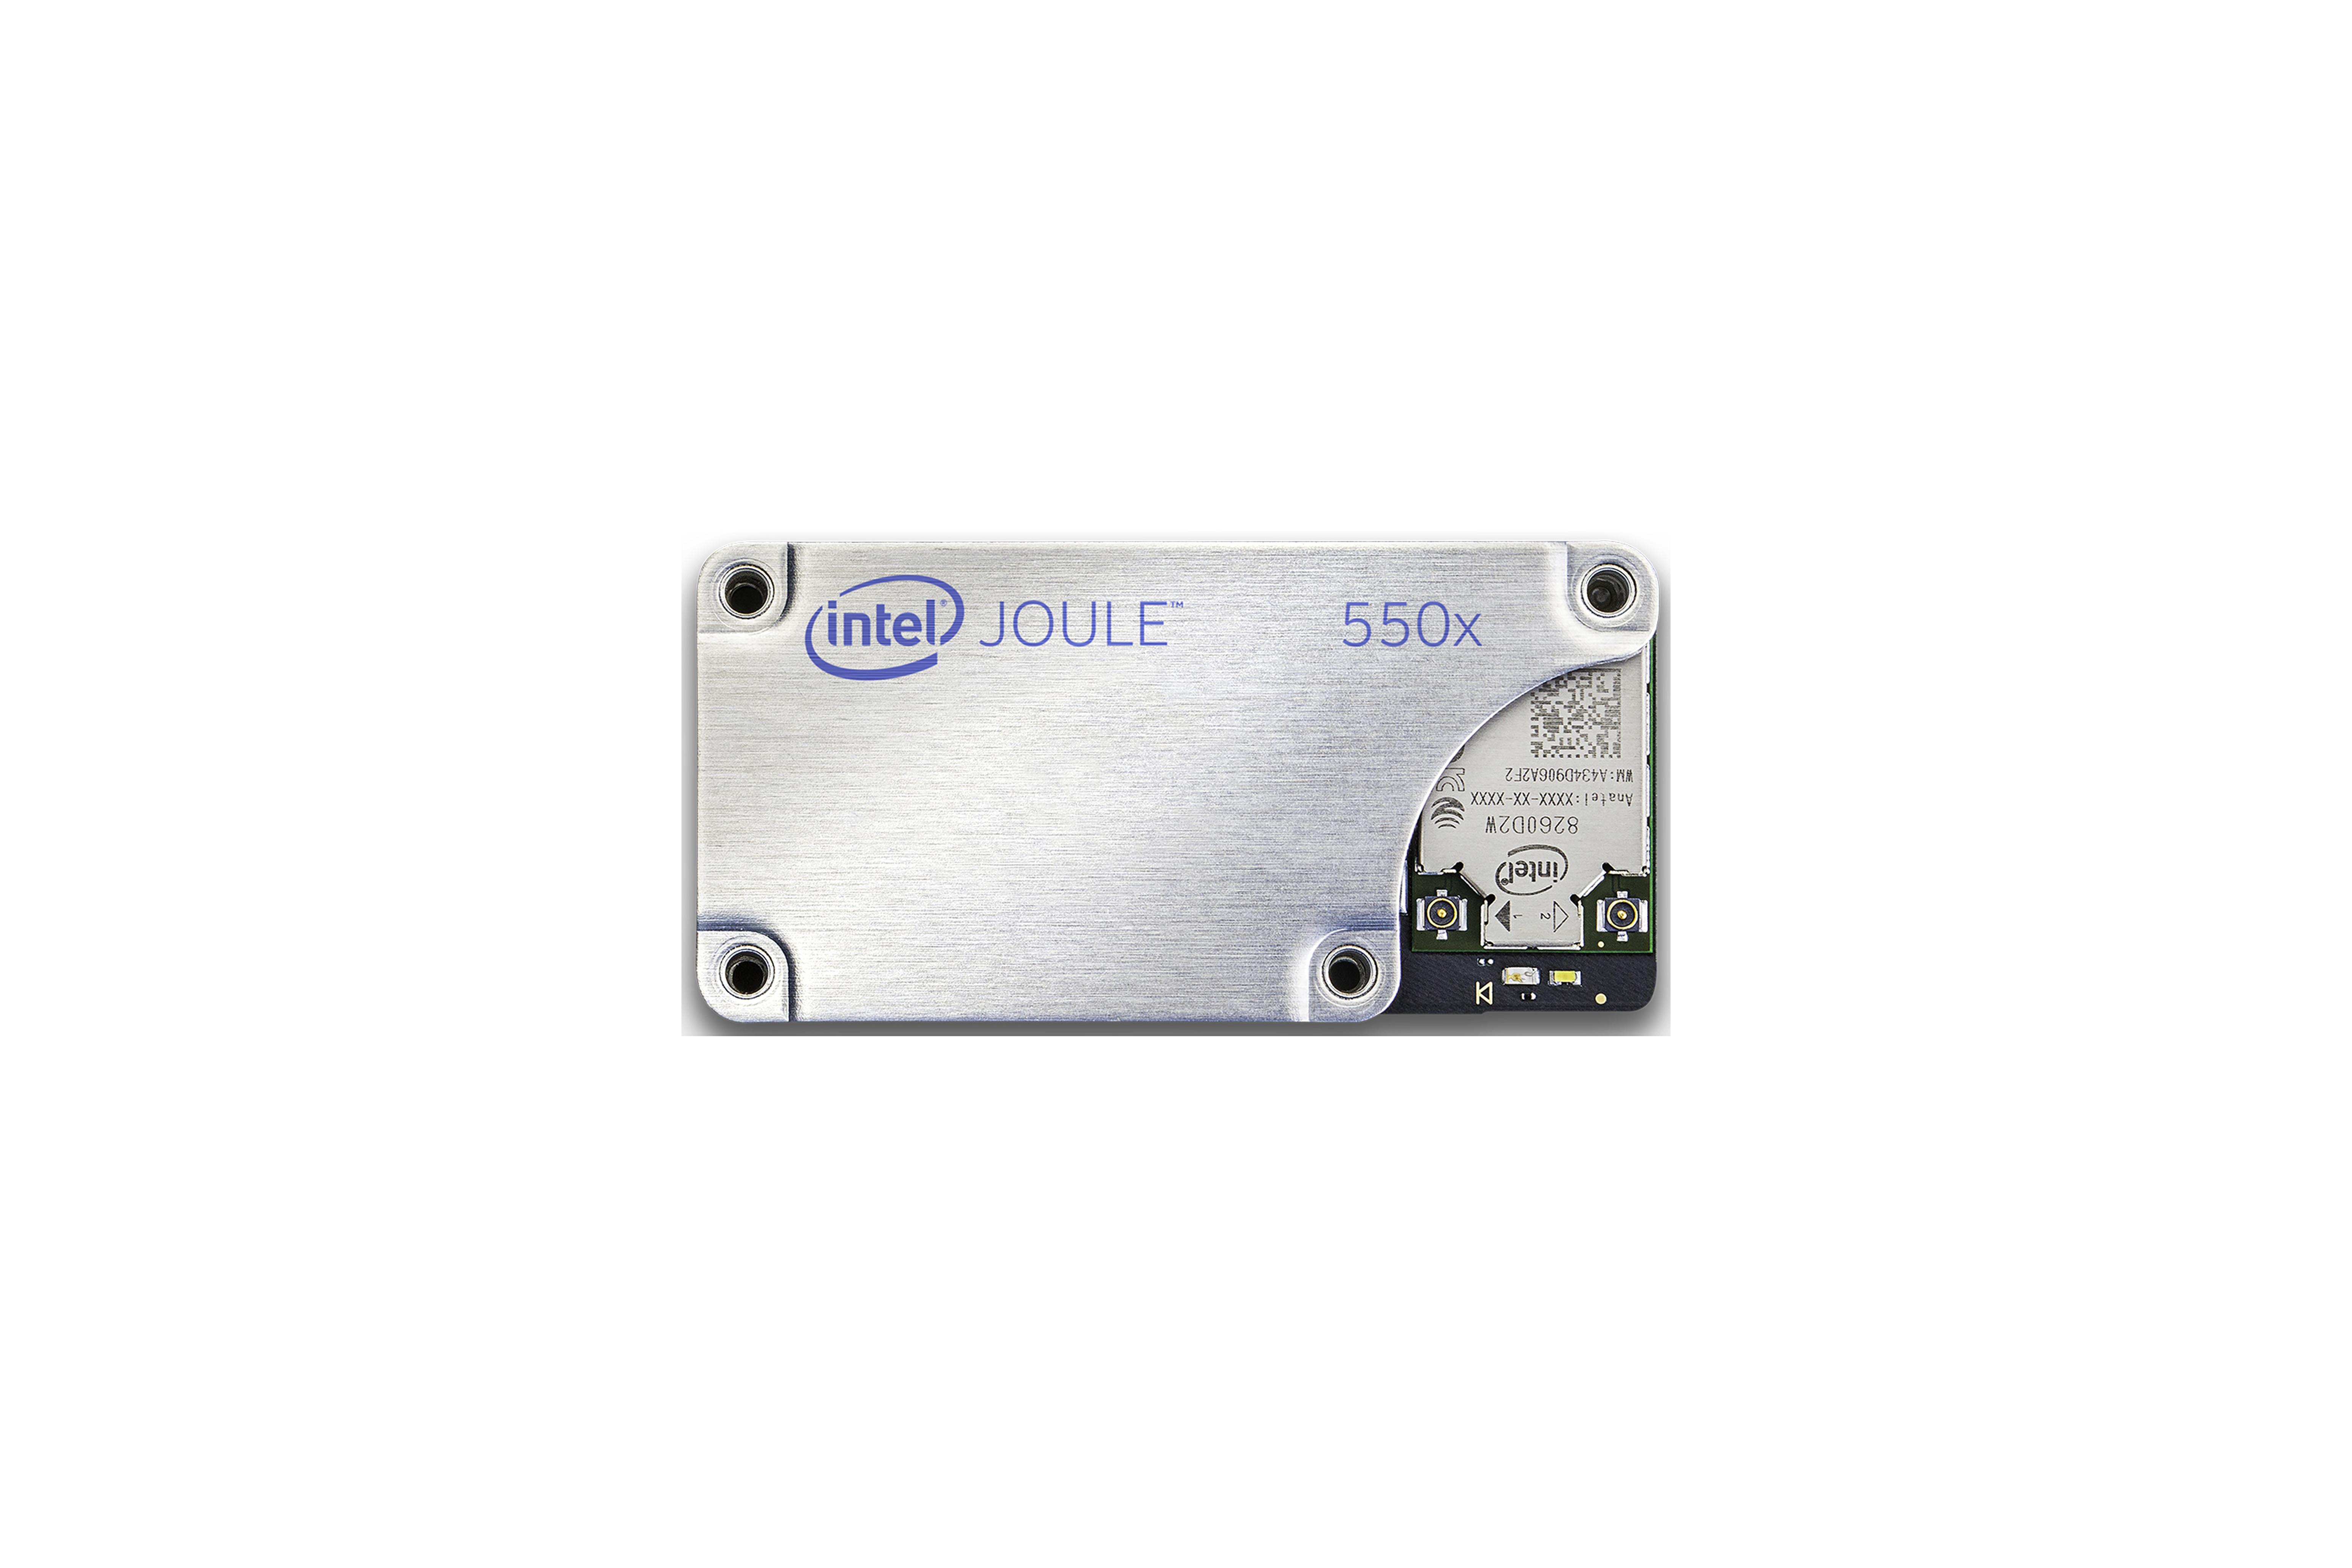 INTEL JOULE 550X-MODULE